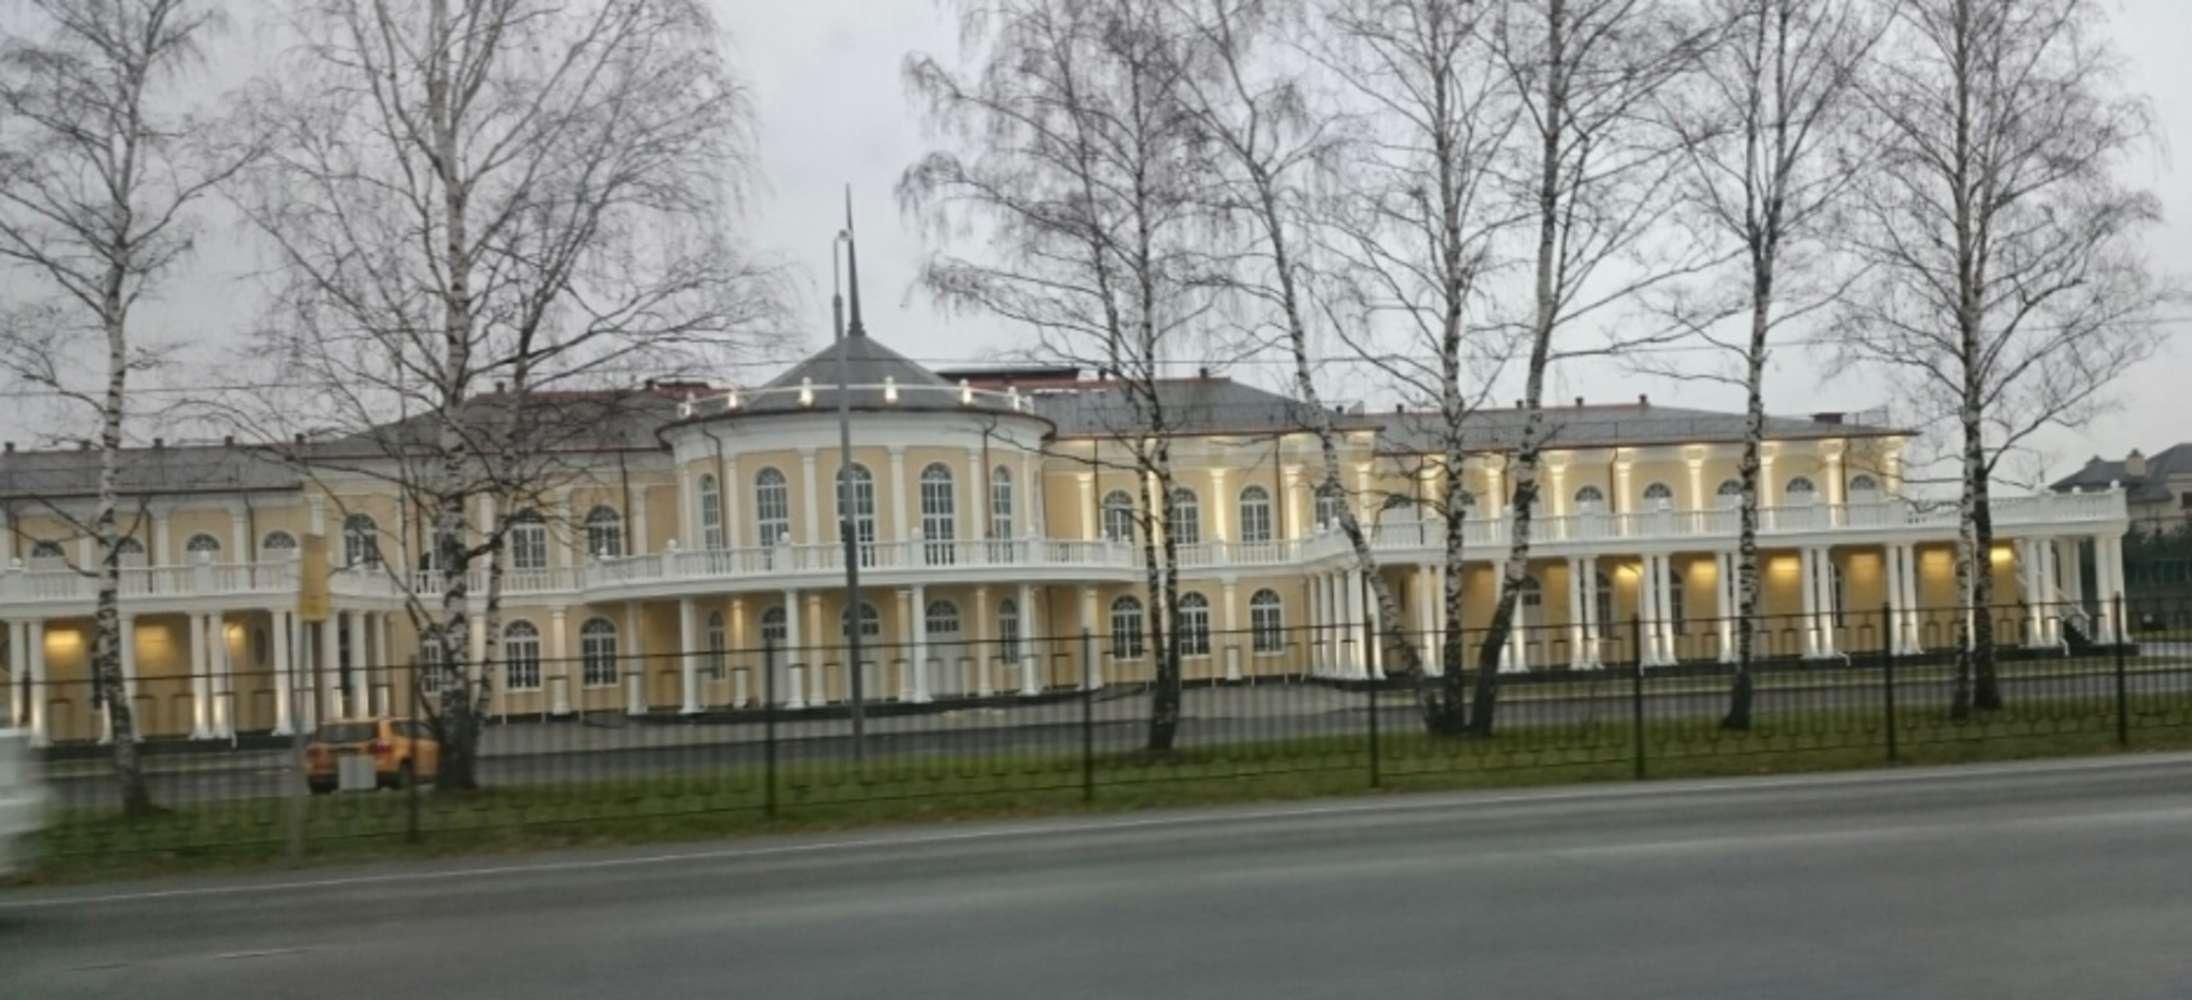 Офисная недвижимость Москва,  - Рублево-Успенское шоссе,  12 km from MKAD